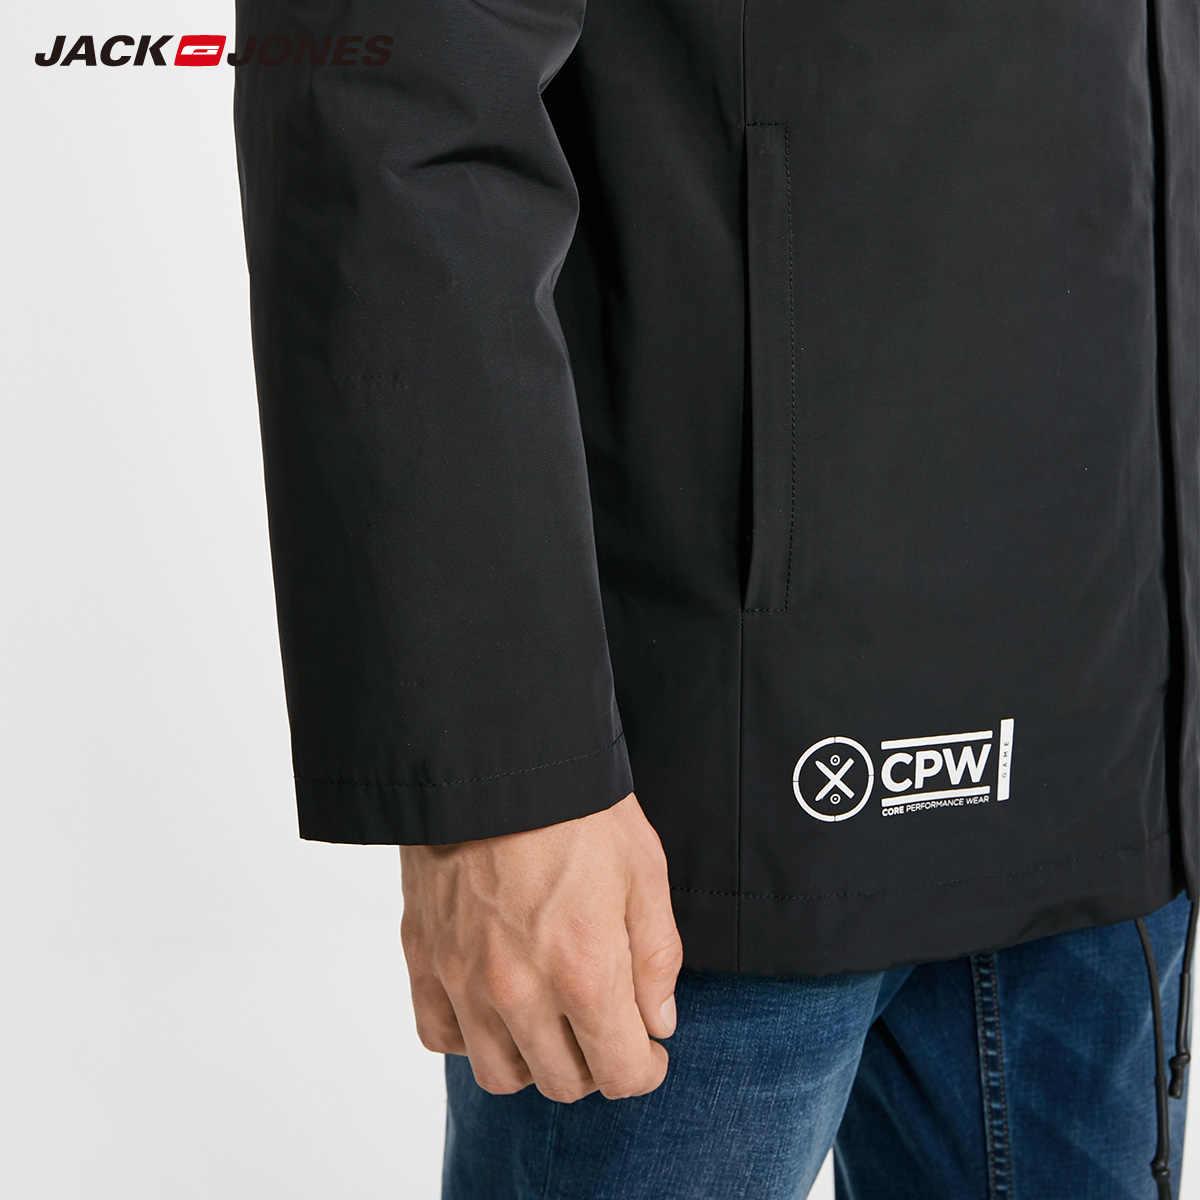 ジャック · ジョーンズ秋冬新メンズ可逆フード付き綿のコートの男性パーカー | 218309510